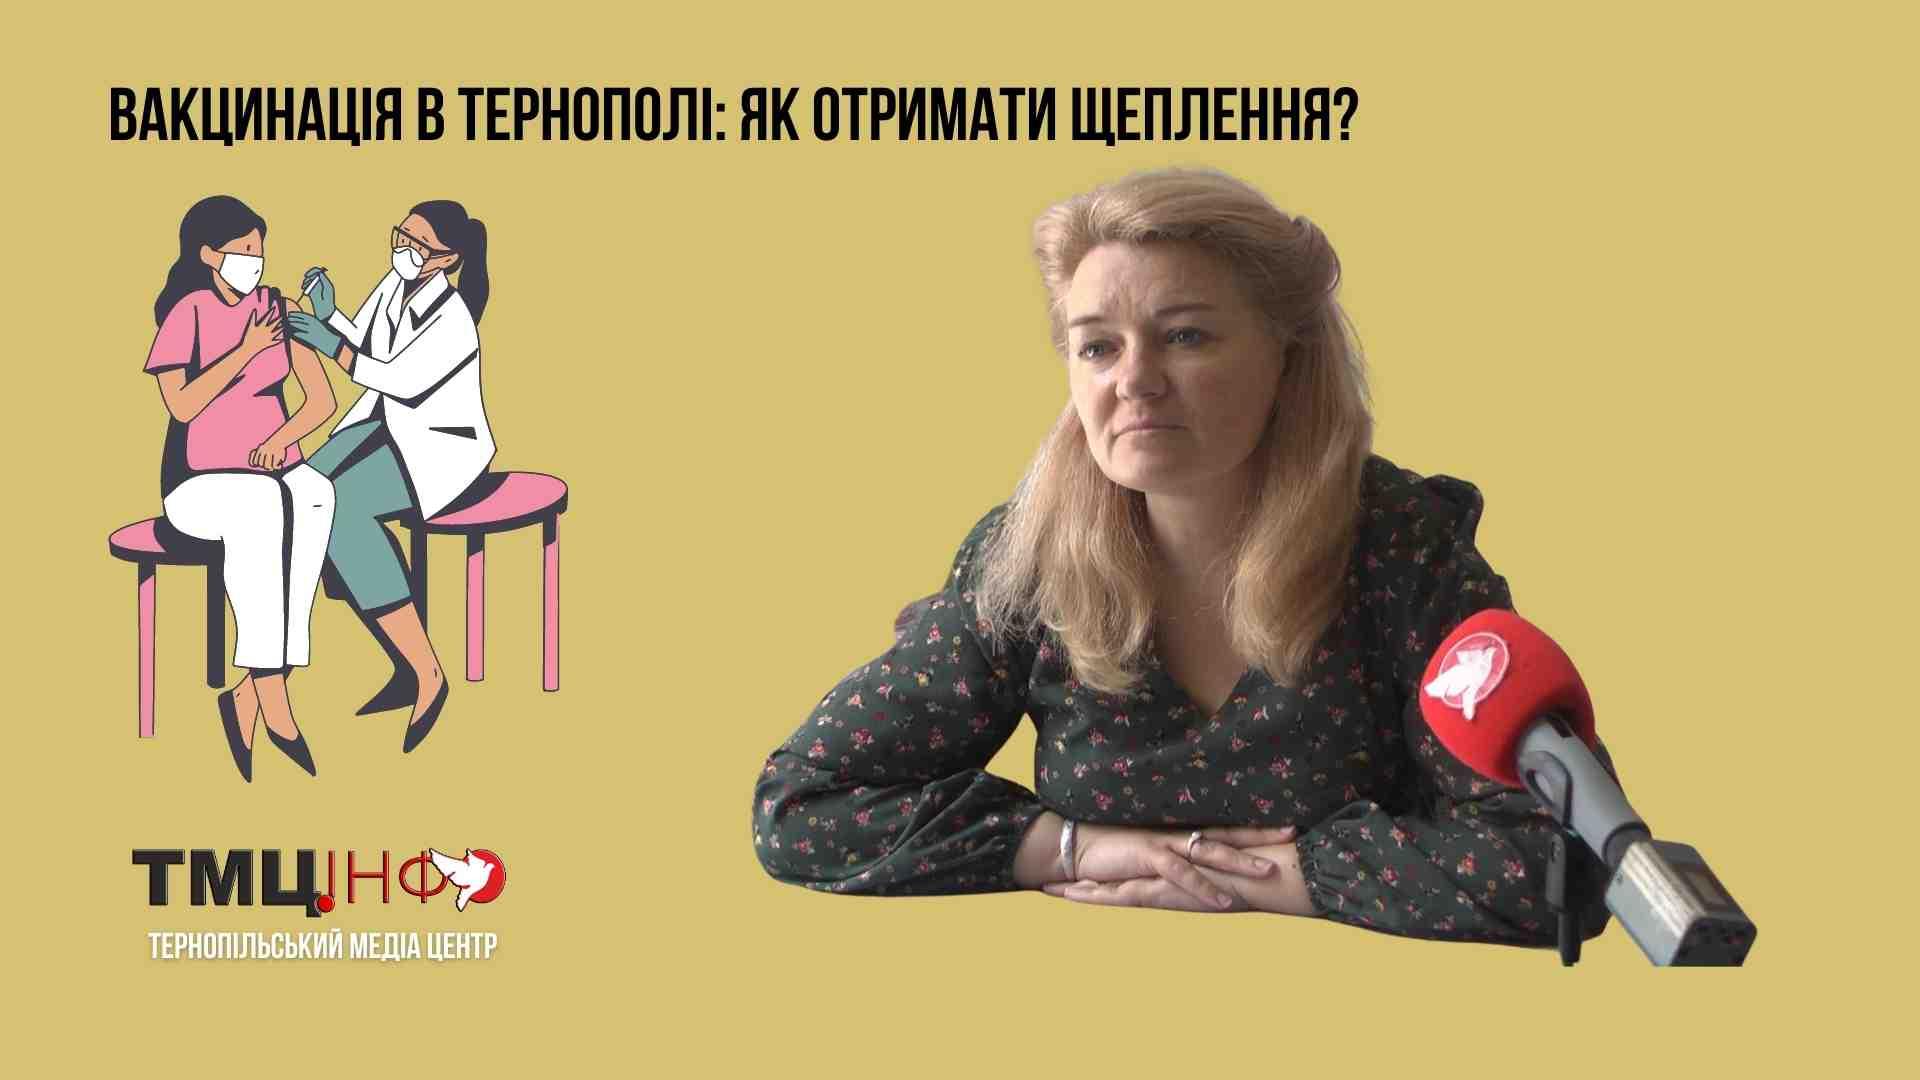 Вакцинація в Тернополі: як отримати щеплення?